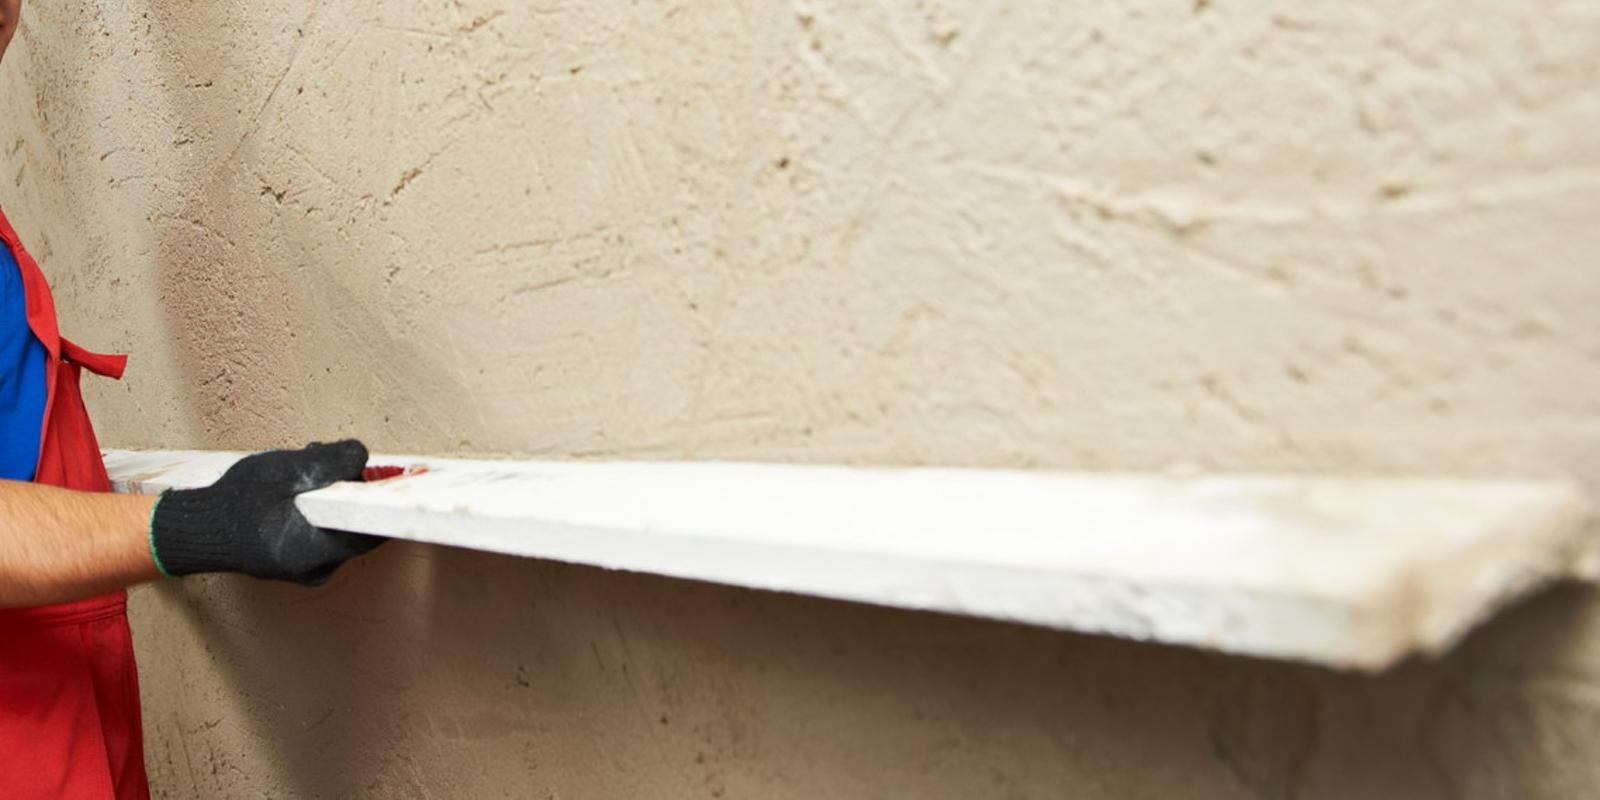 Выравнивание стен своими руками: пошаговая инструкция, видео